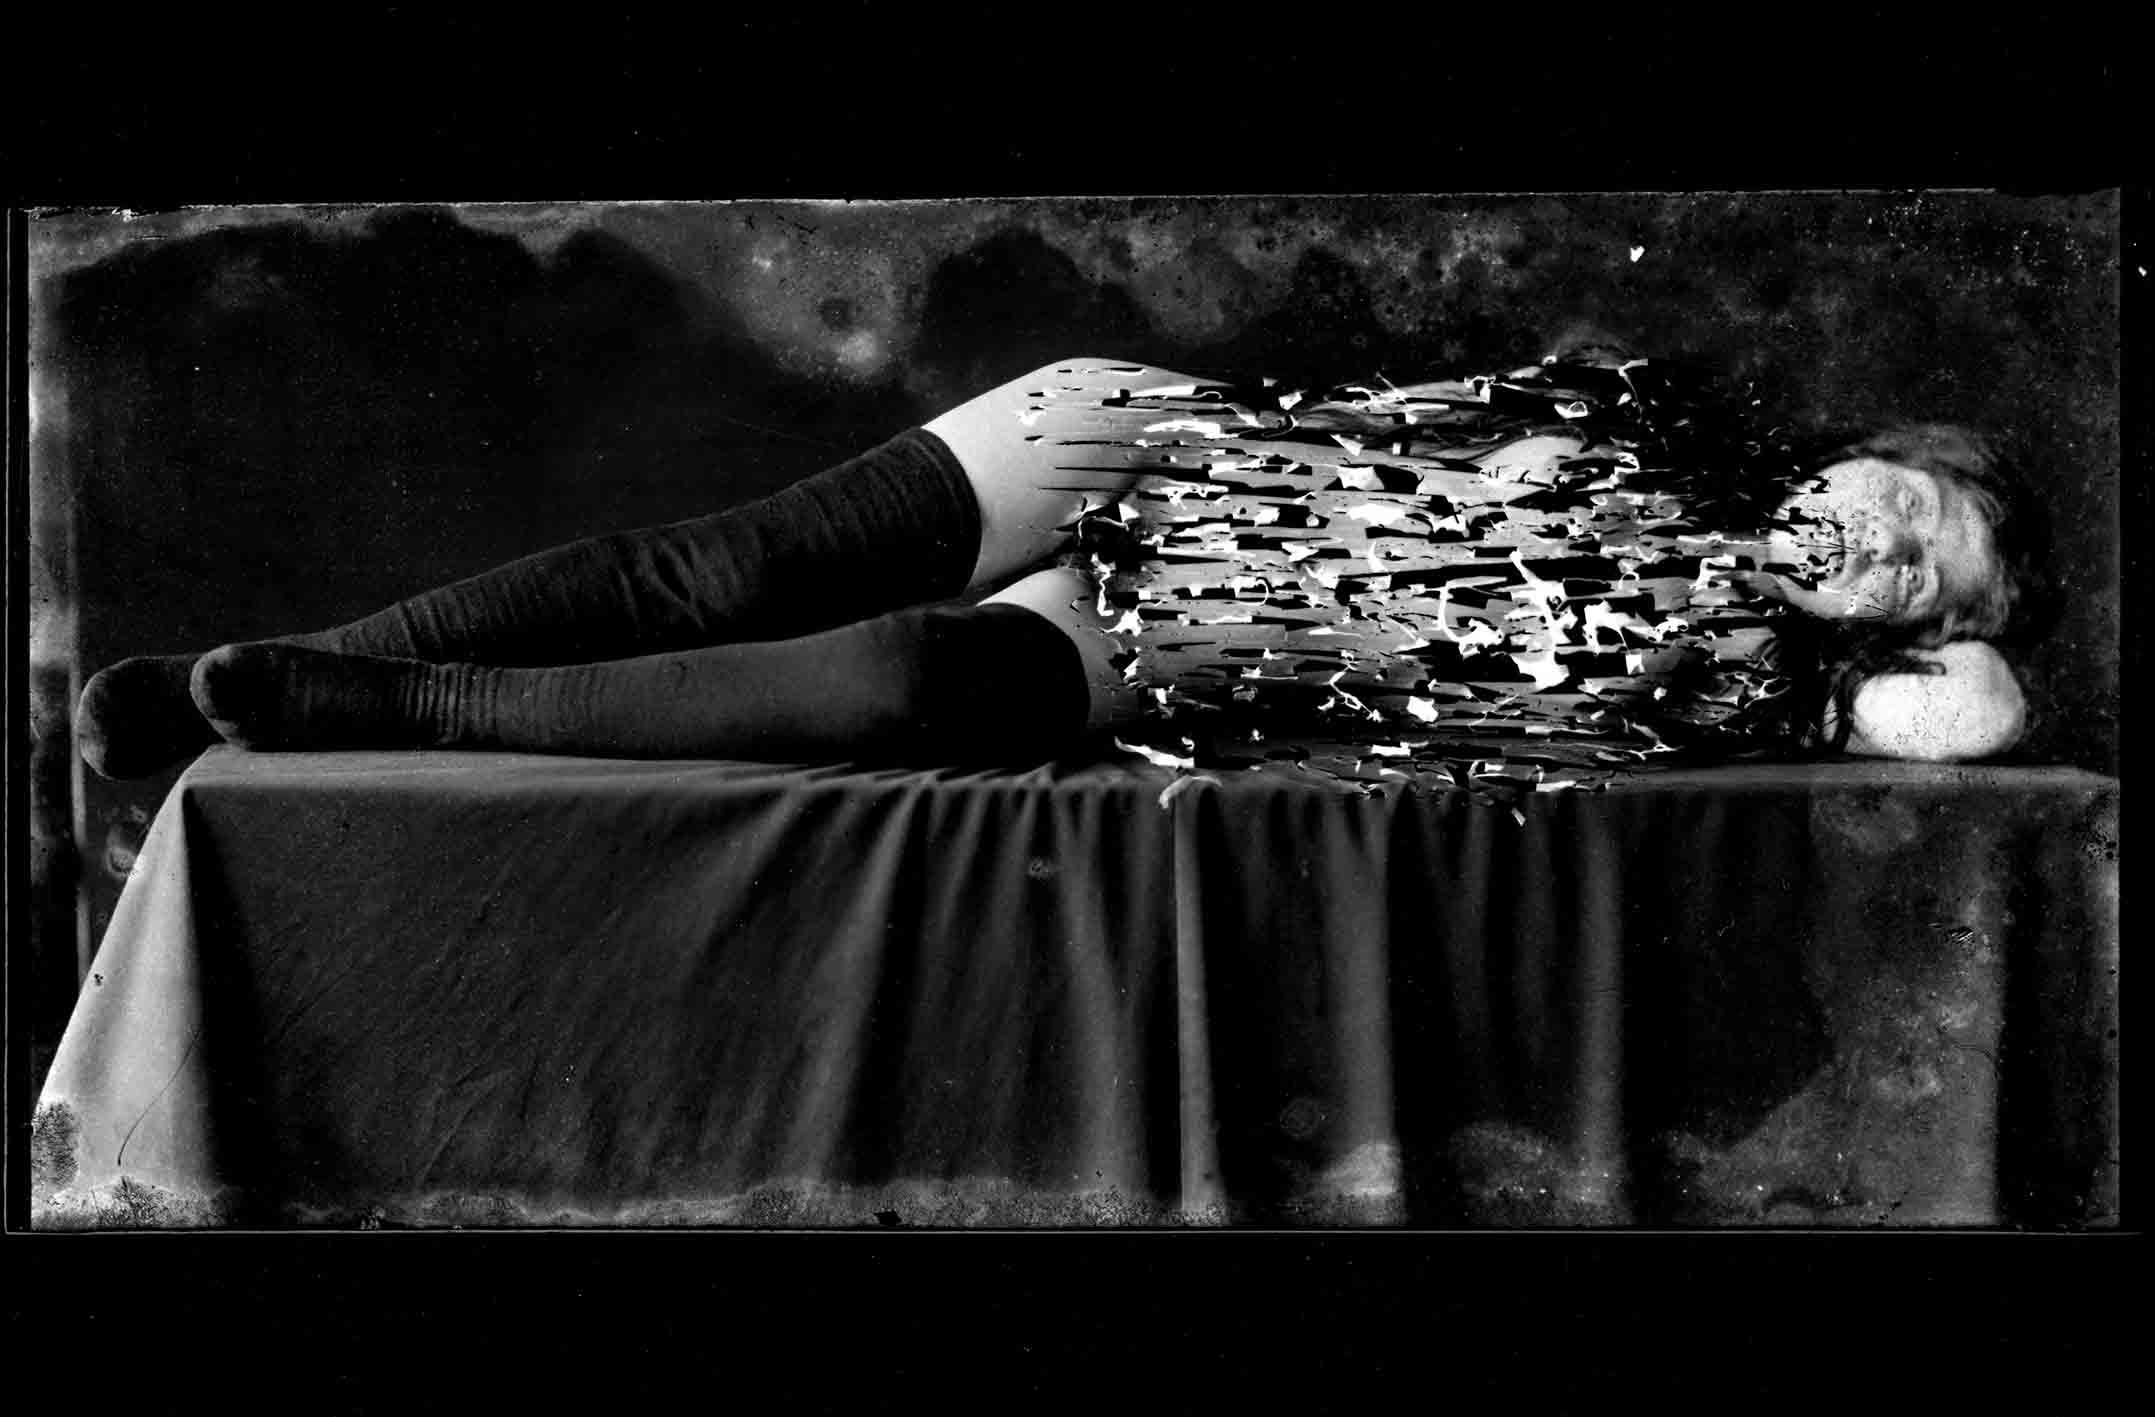 """Nino Migliori, série """"Cancellazioni"""" (1954) © Fondazione Nino Migliori, Bologna, Italie"""